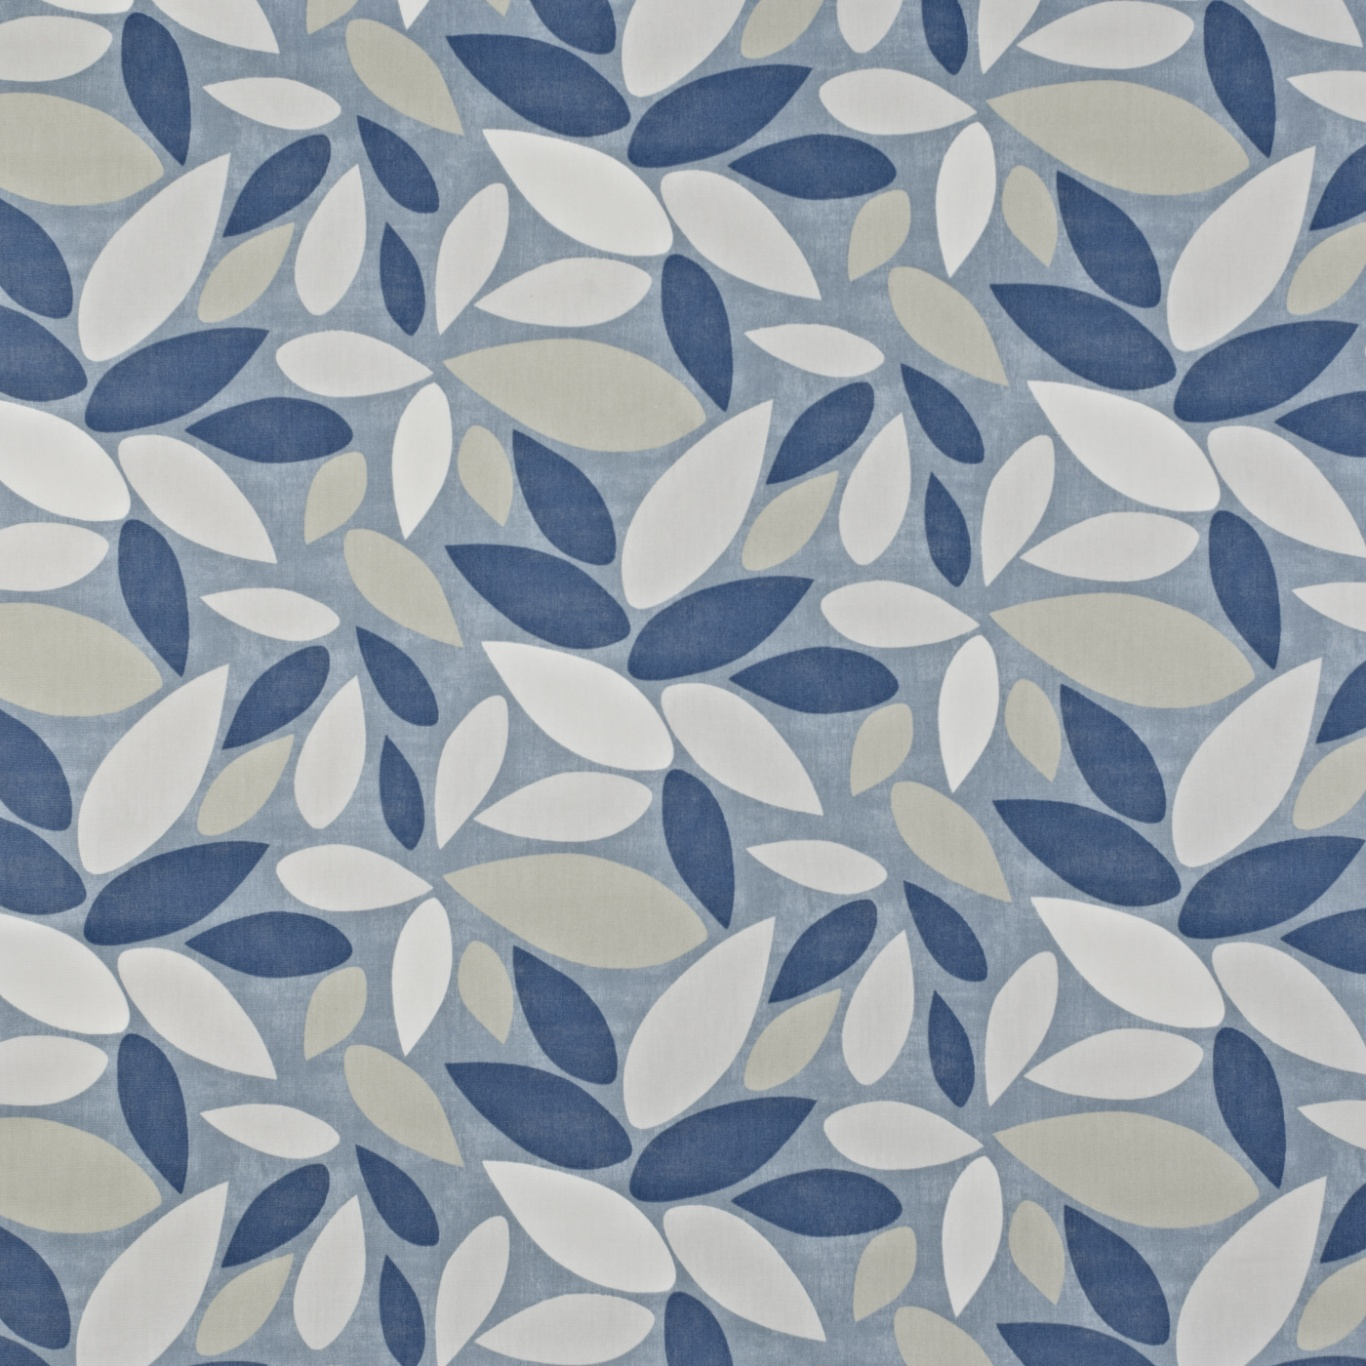 Image of Prestigious Pimlico Denim Curtain Fabric